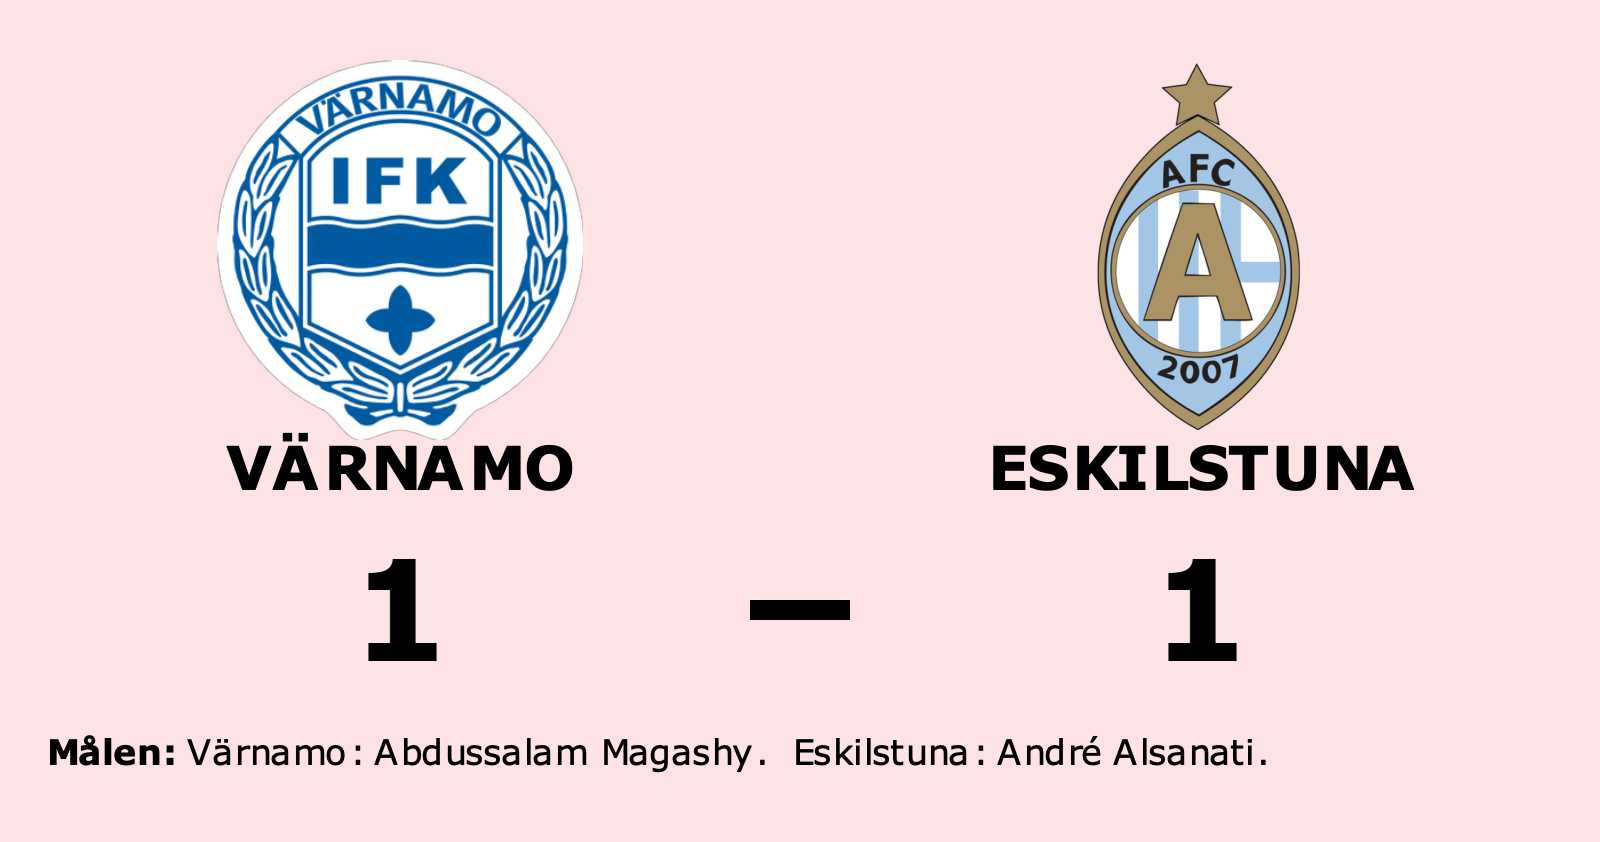 Stark insats när Eskilstuna tog poäng borta mot Värnamo